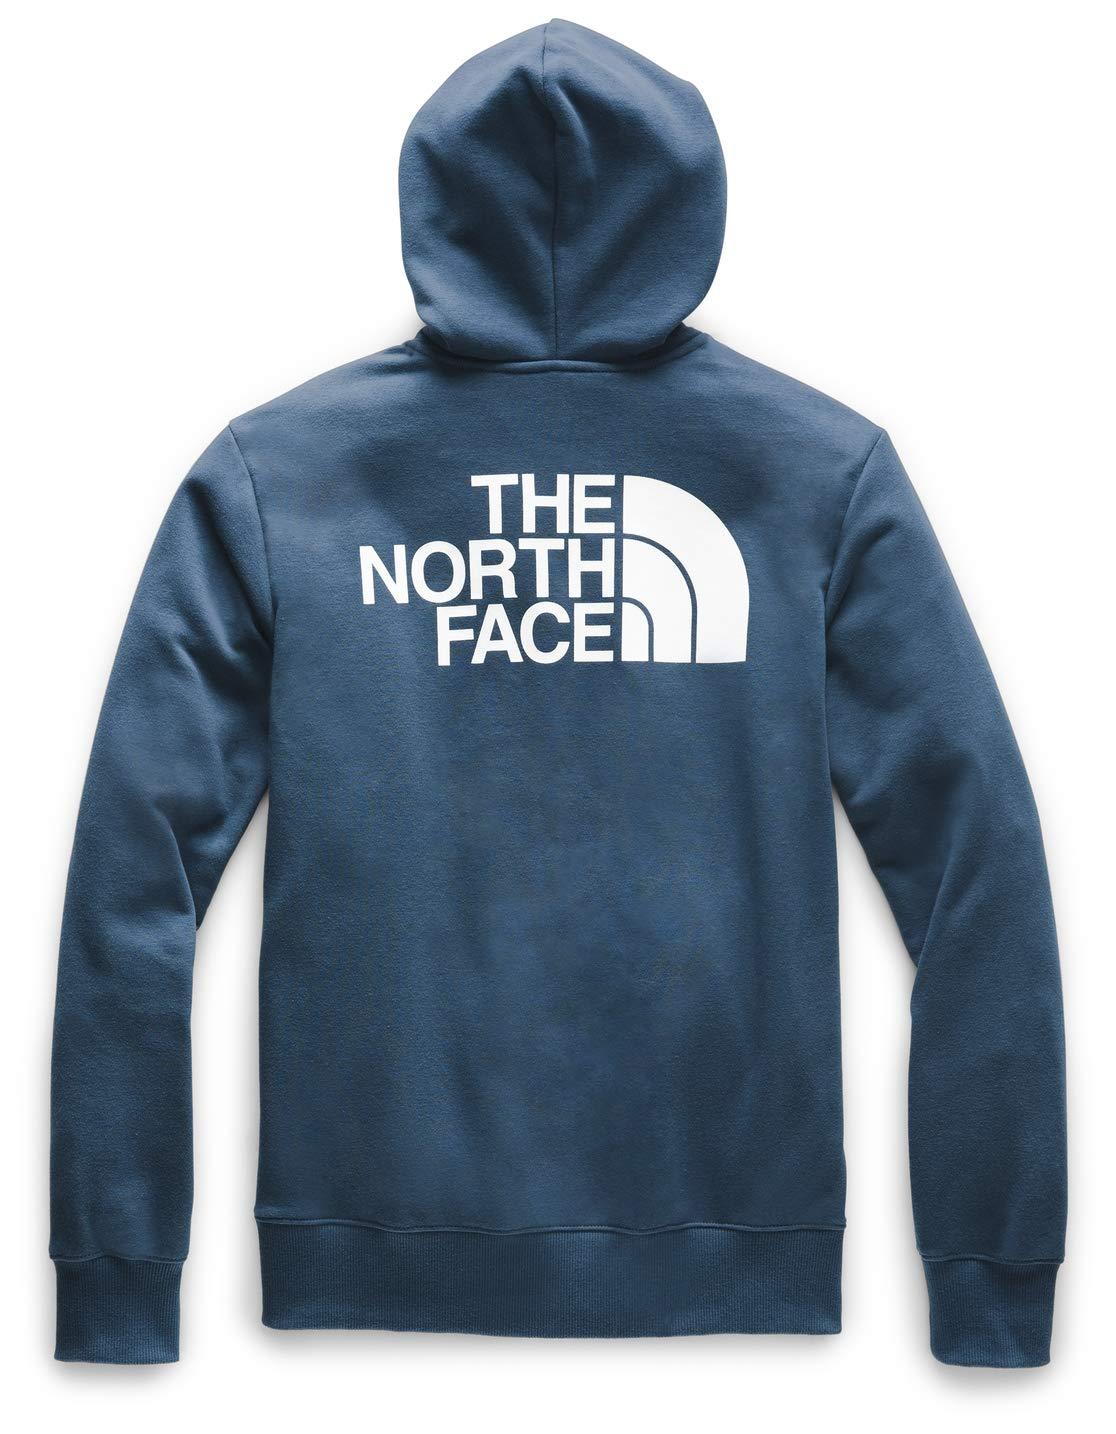 Bleu Sarcelle S THE NORTH FACE Half Dome Full Sweat à Capuche zippé pour Homme